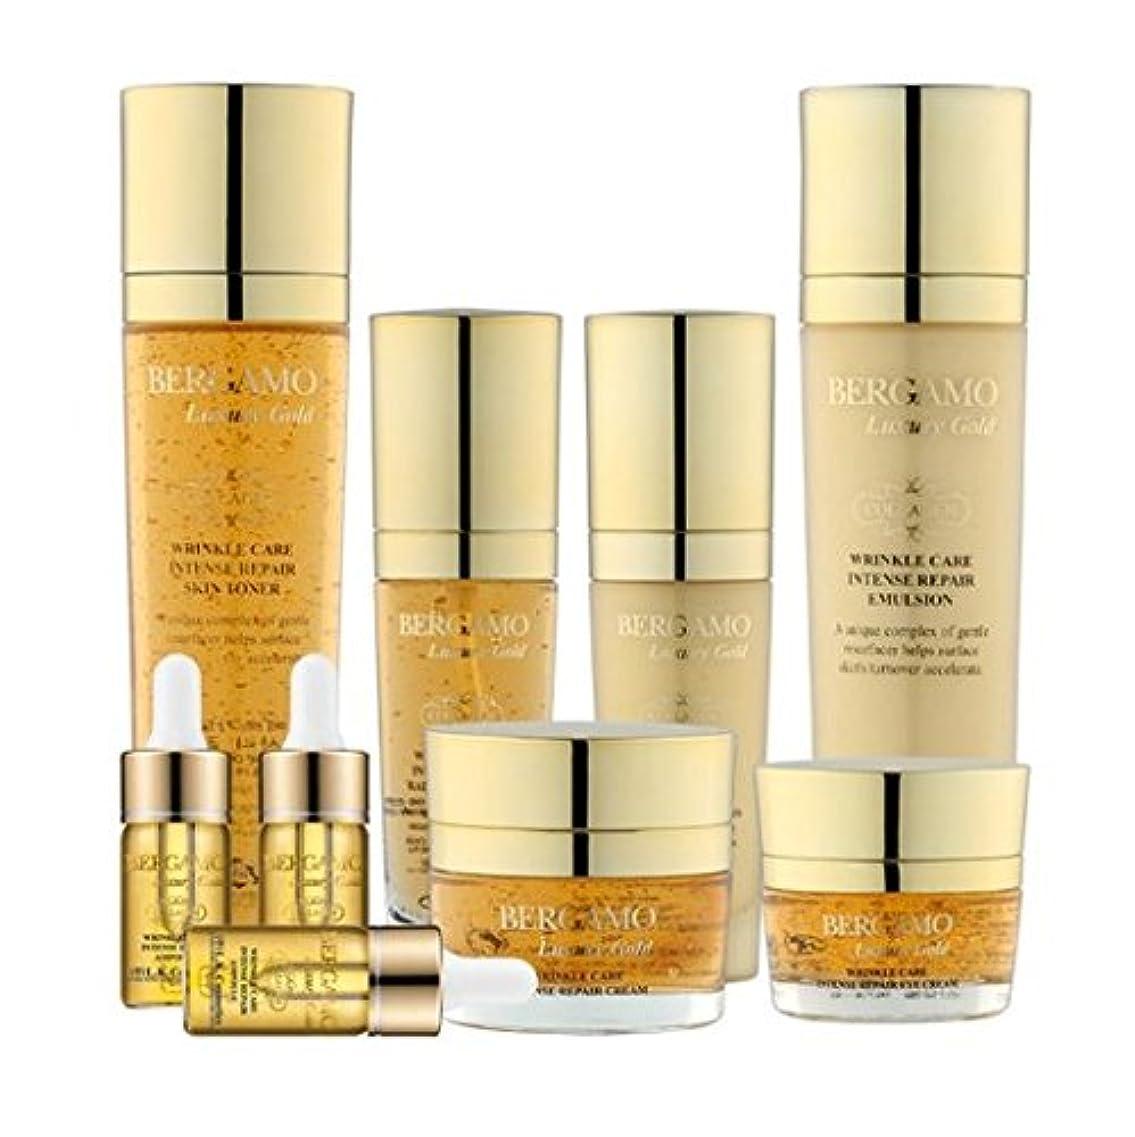 援助スタイル解決ベルガモ[韓国コスメBergamo]Luxury Gold Collagen Set ラグジュアリーゴールドコラーゲン9セット,ギフトセット,トナー,エマルジョン,エッセンス、アイクリーム、クリーム、アンプル [並行輸入品]